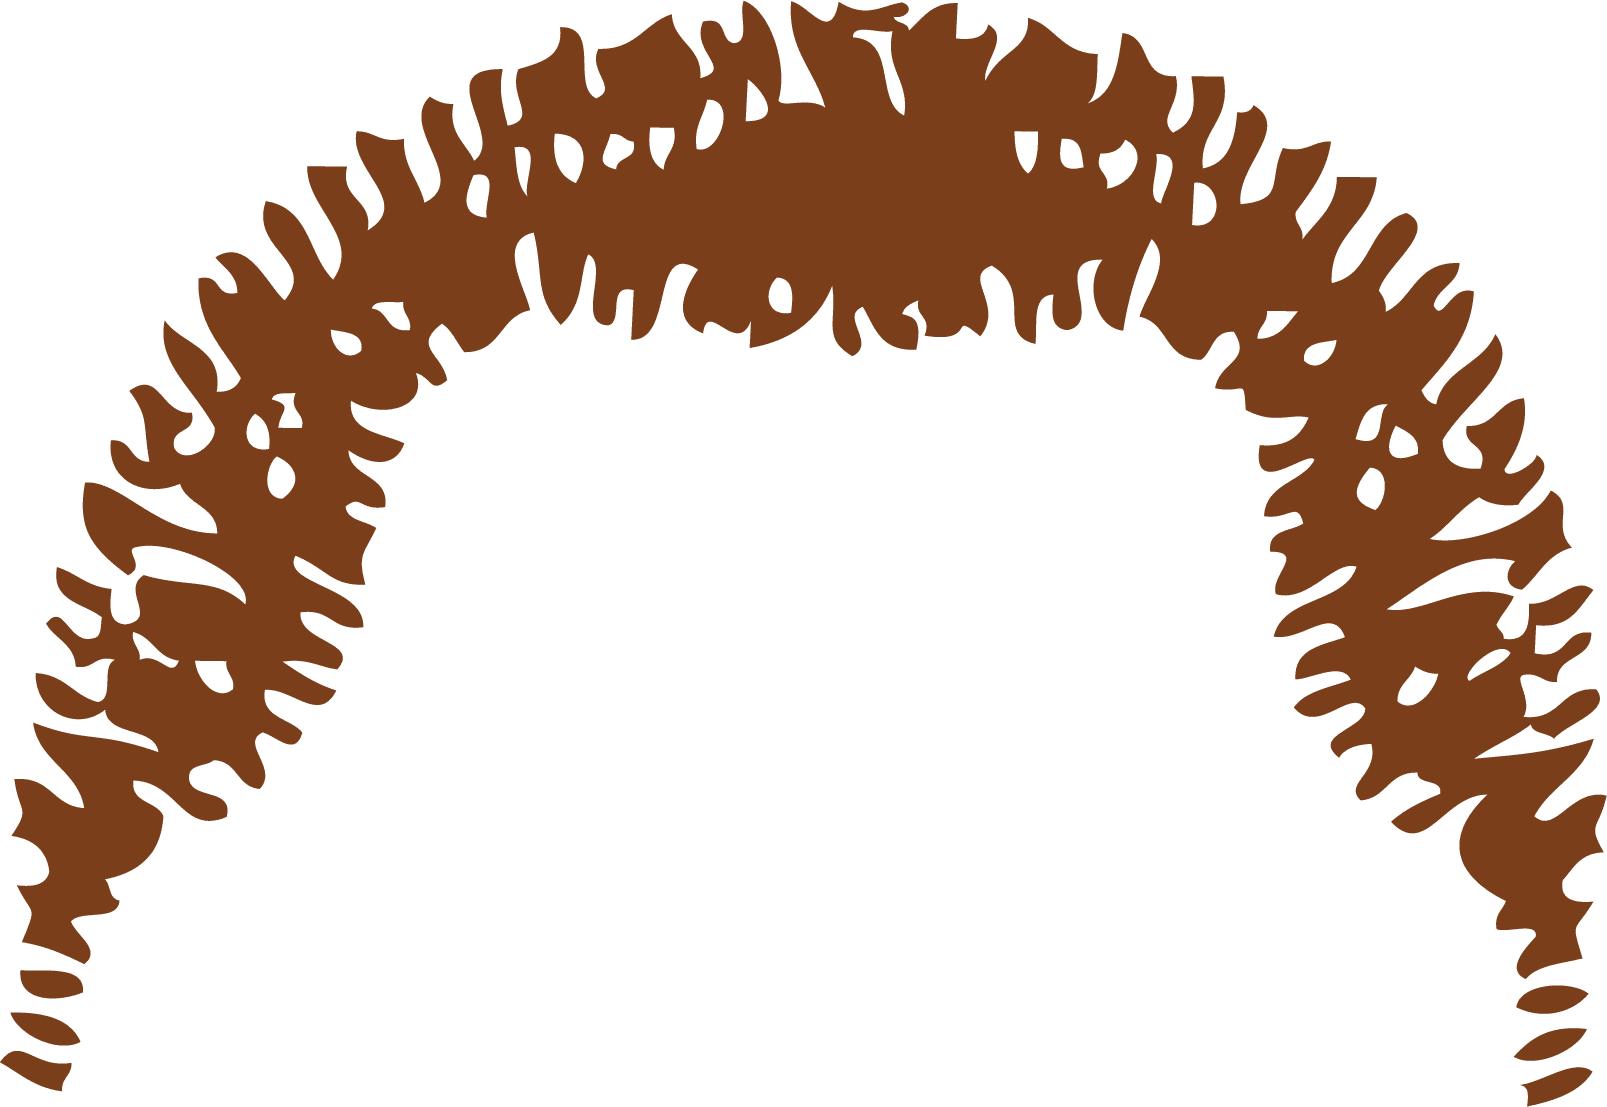 Boy hair wig clipart vector freeuse stock Boy hair clipart wigs - Clip Art Library vector freeuse stock